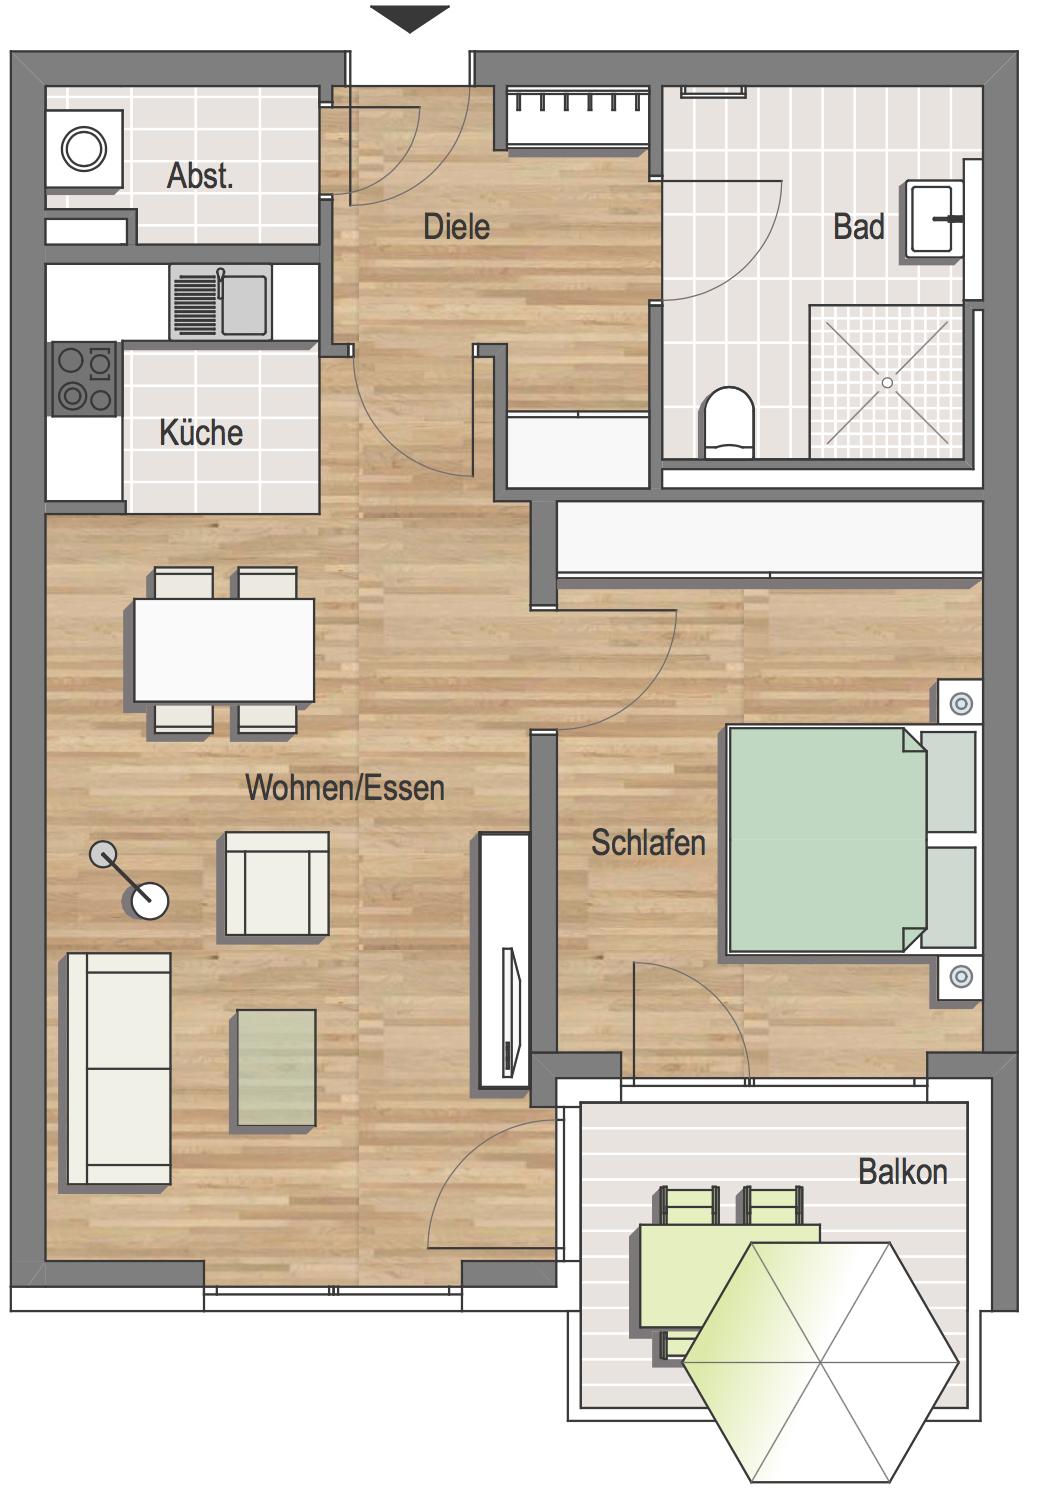 grundrissbeispiele seniorenresidenz idstein hsb bautr ger und immobilien gmbh. Black Bedroom Furniture Sets. Home Design Ideas